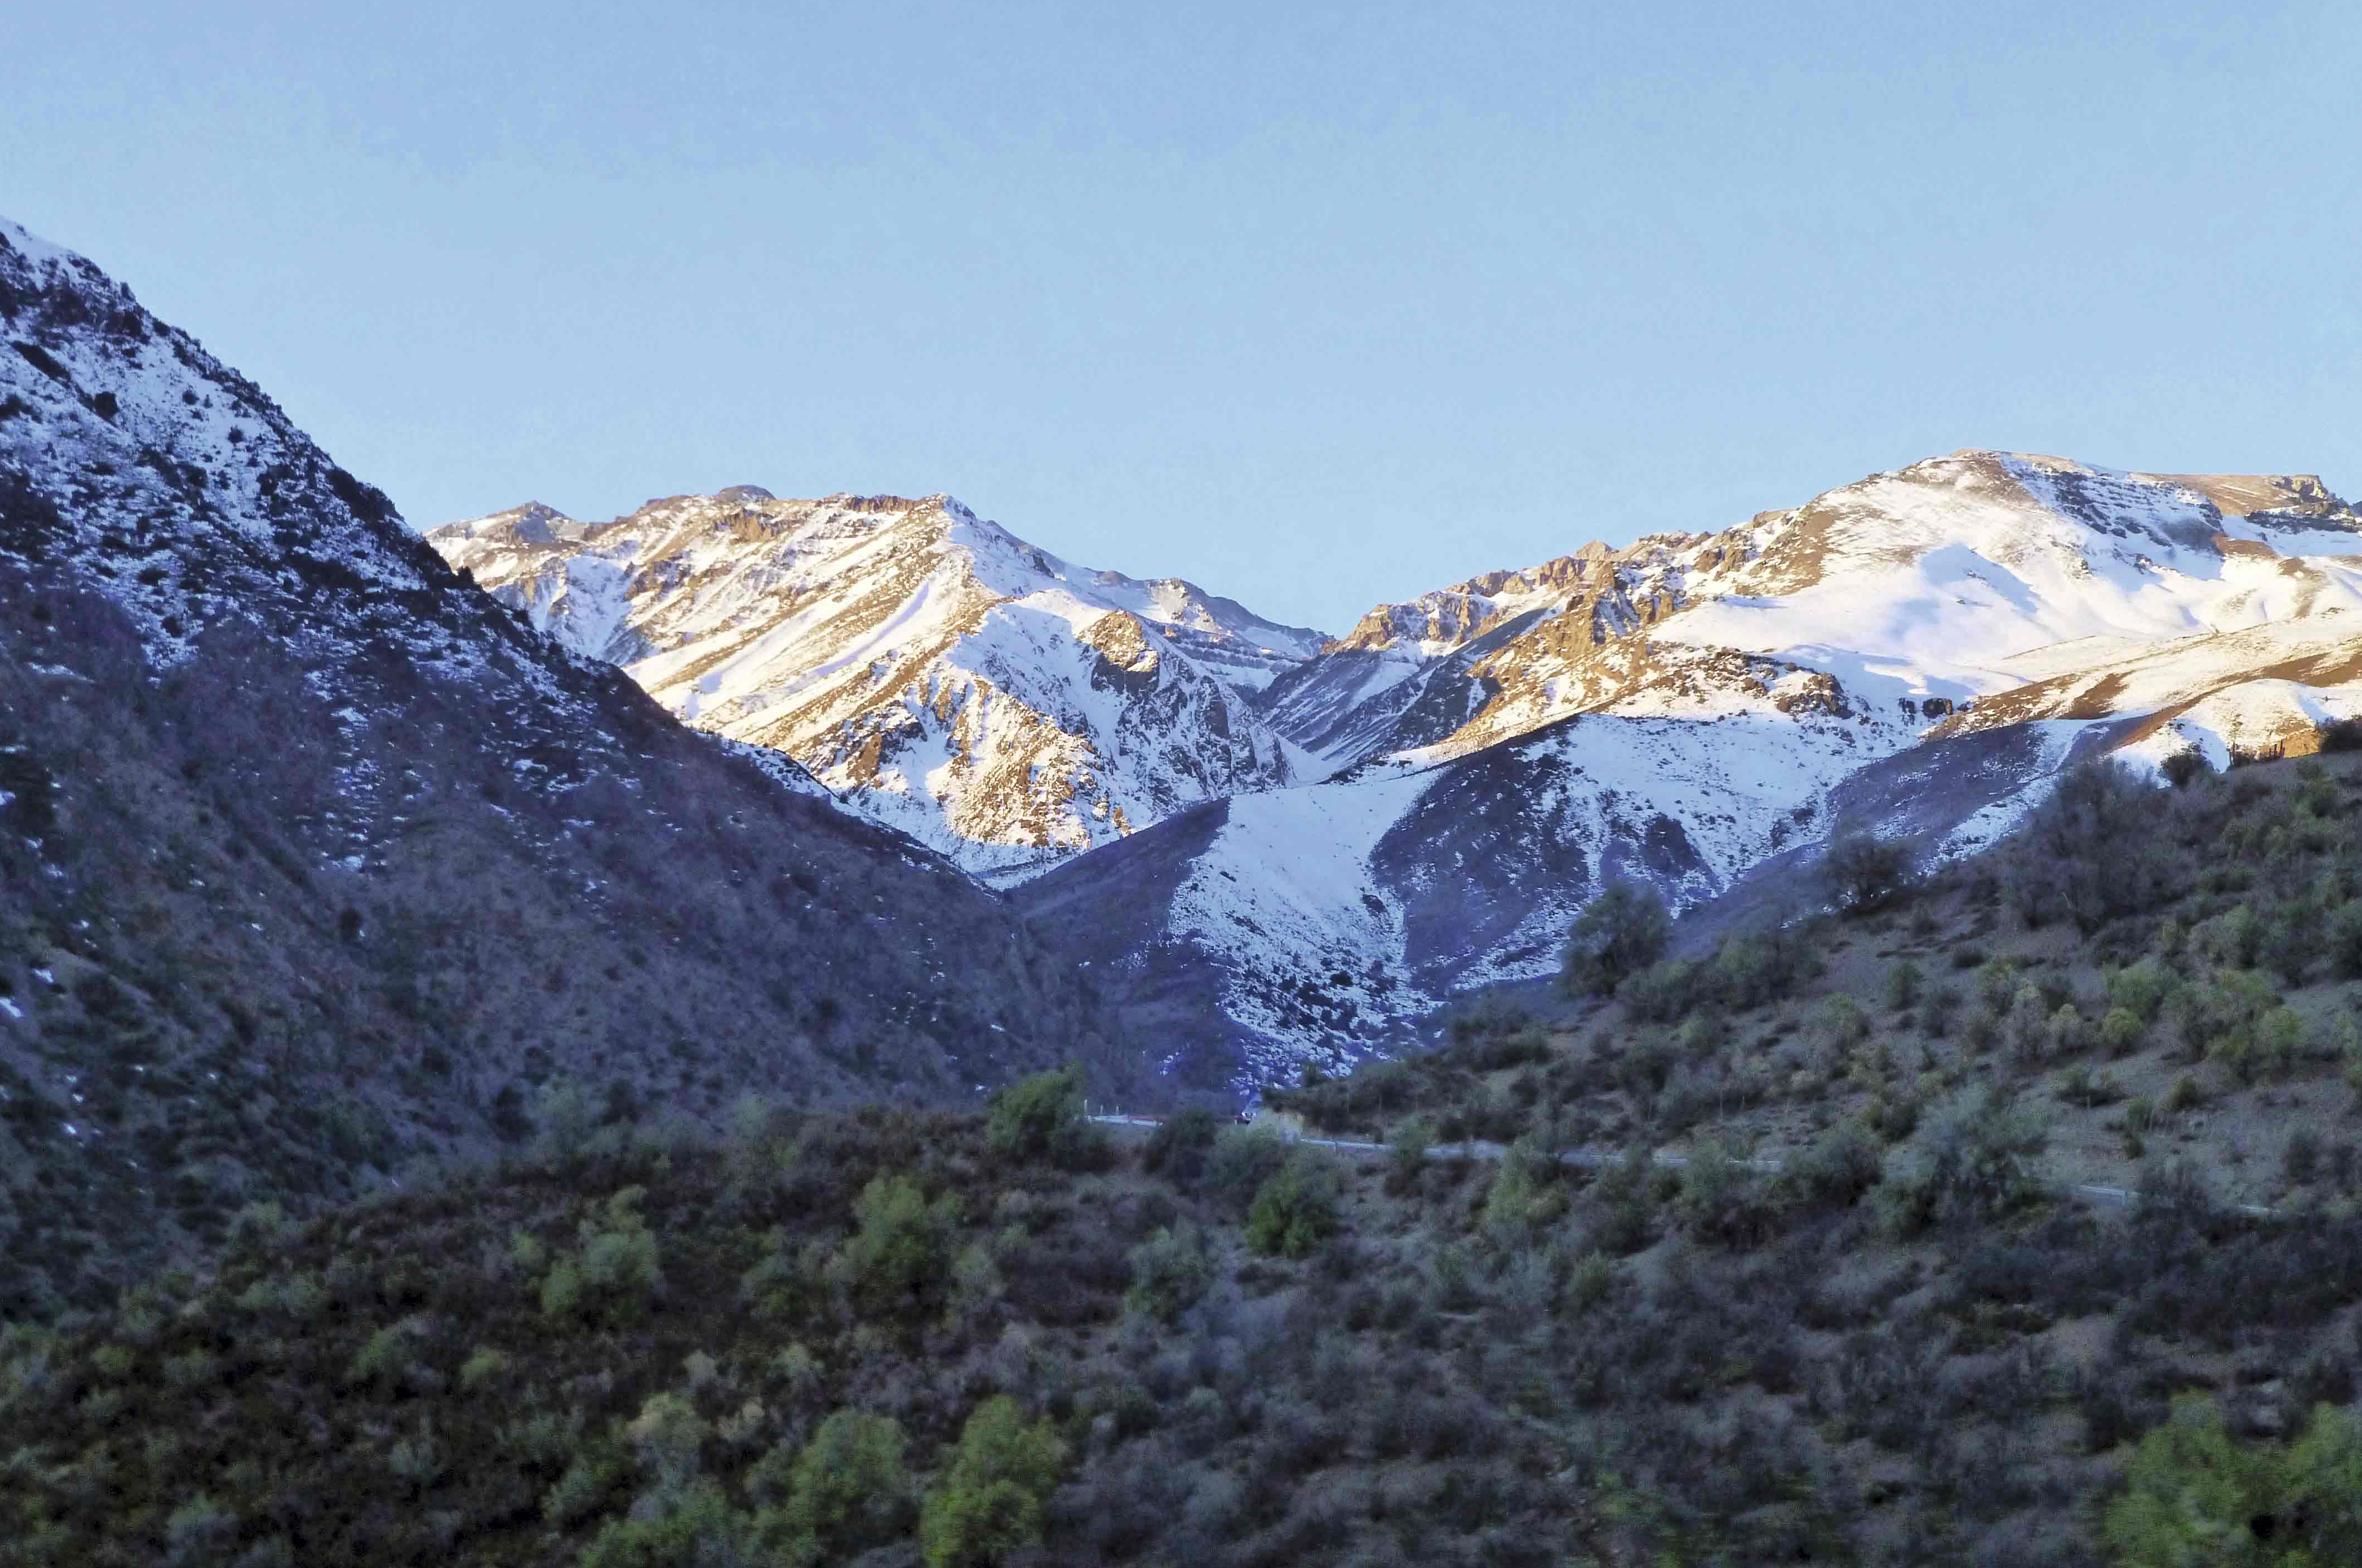 Especial Montaña: parques y reservas imperdibles para todas las actividades en la cordillera